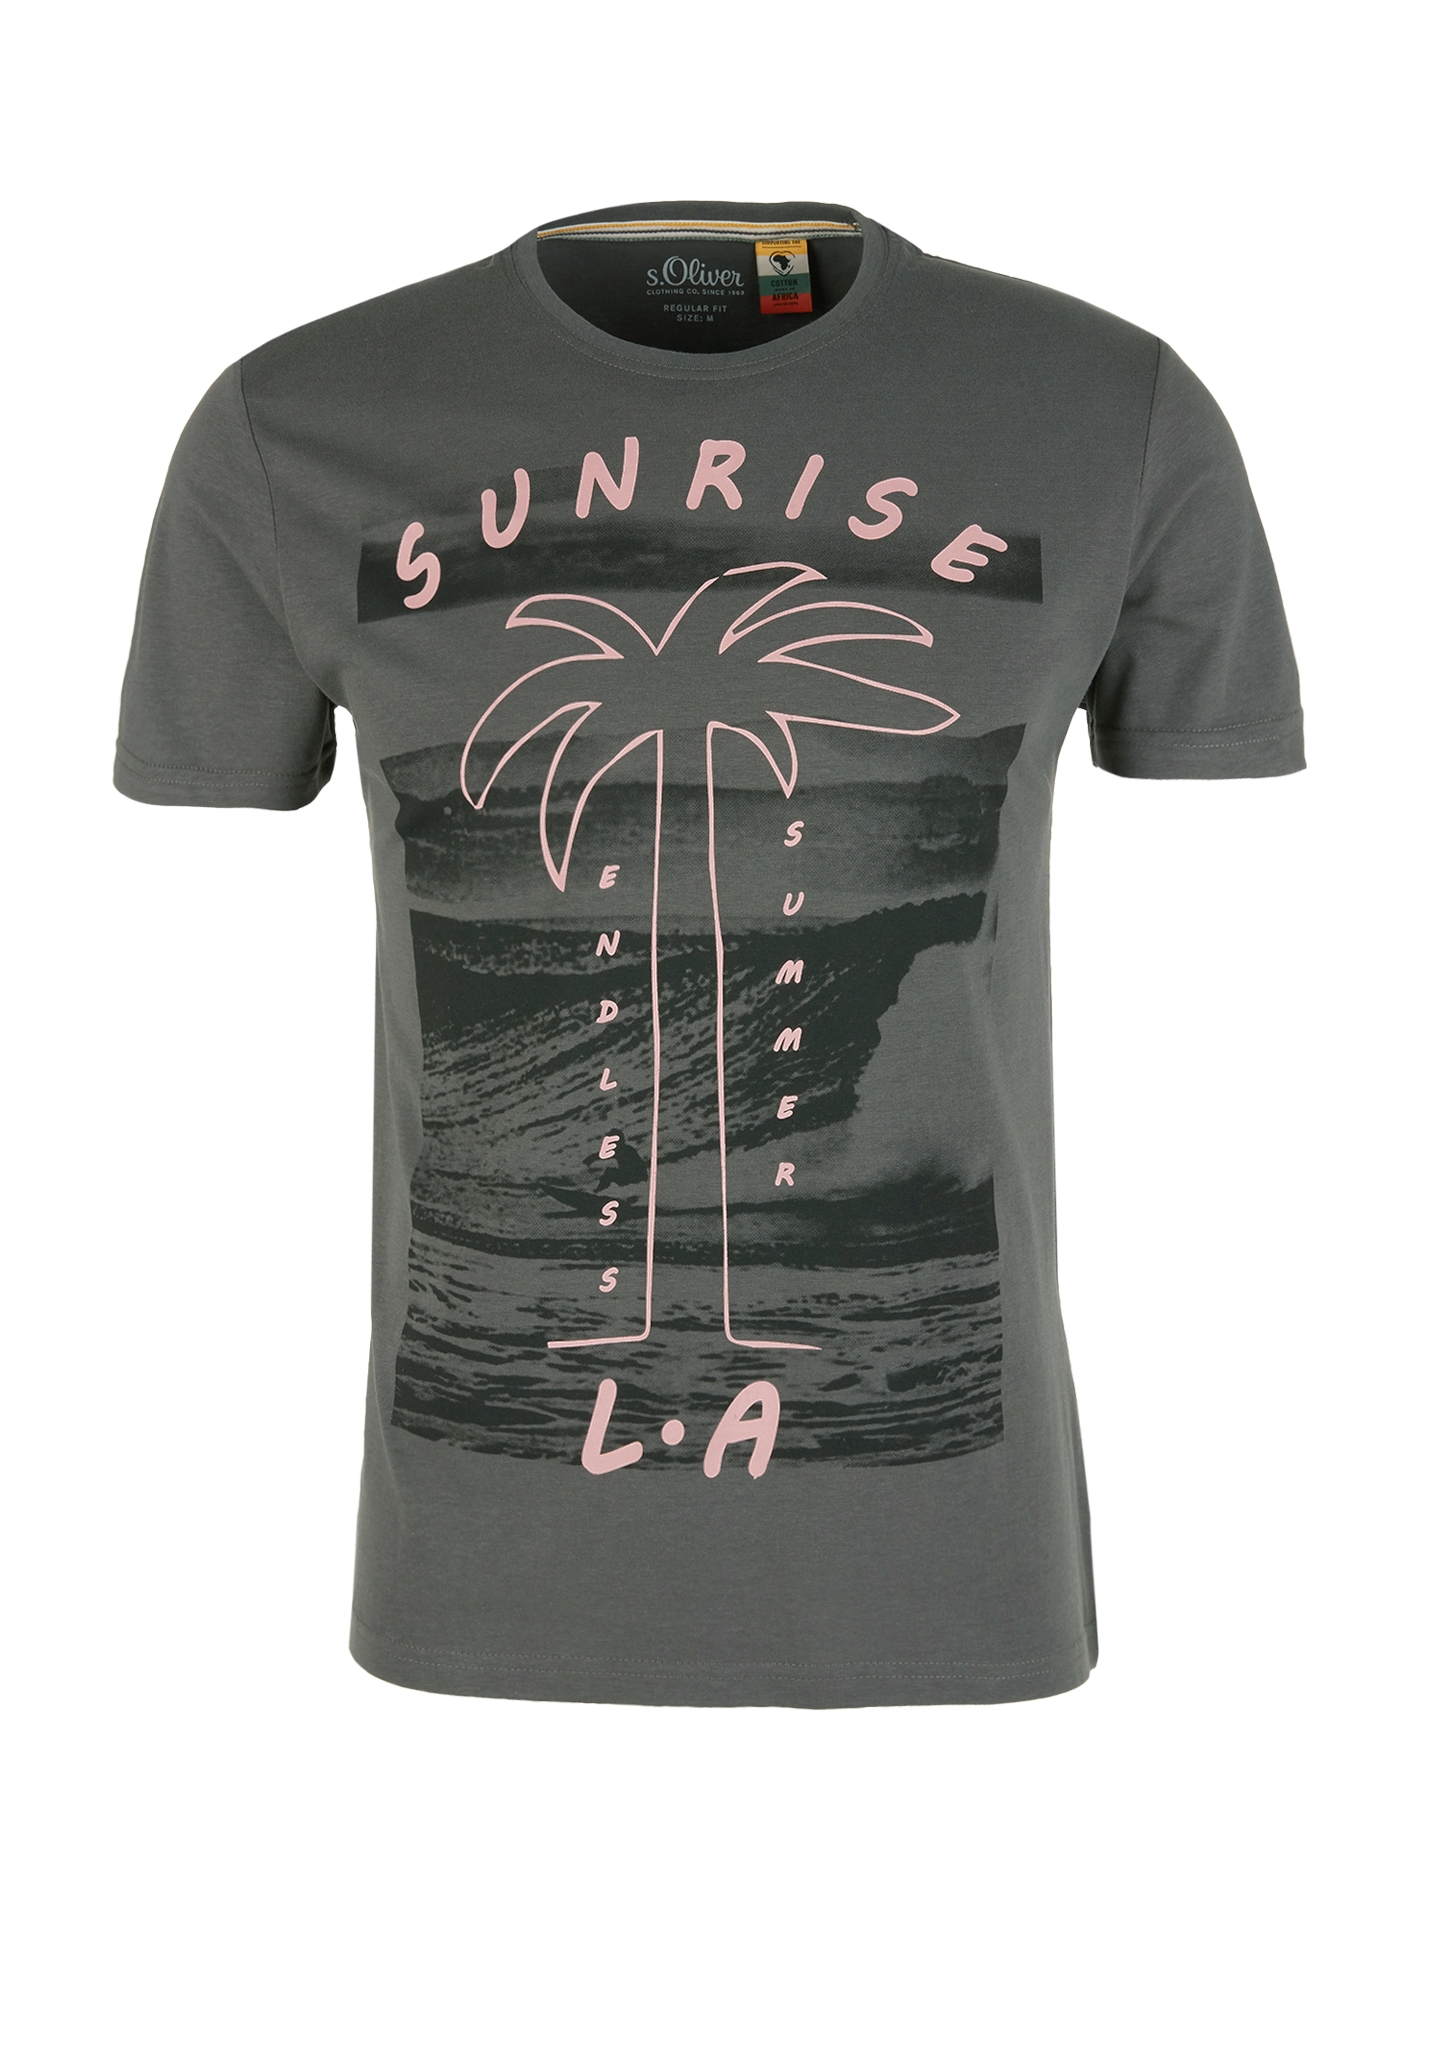 43bd6b5a6b628e Sonstige Shirts für Herren online kaufen | Herrenmode-Suchmaschine ...